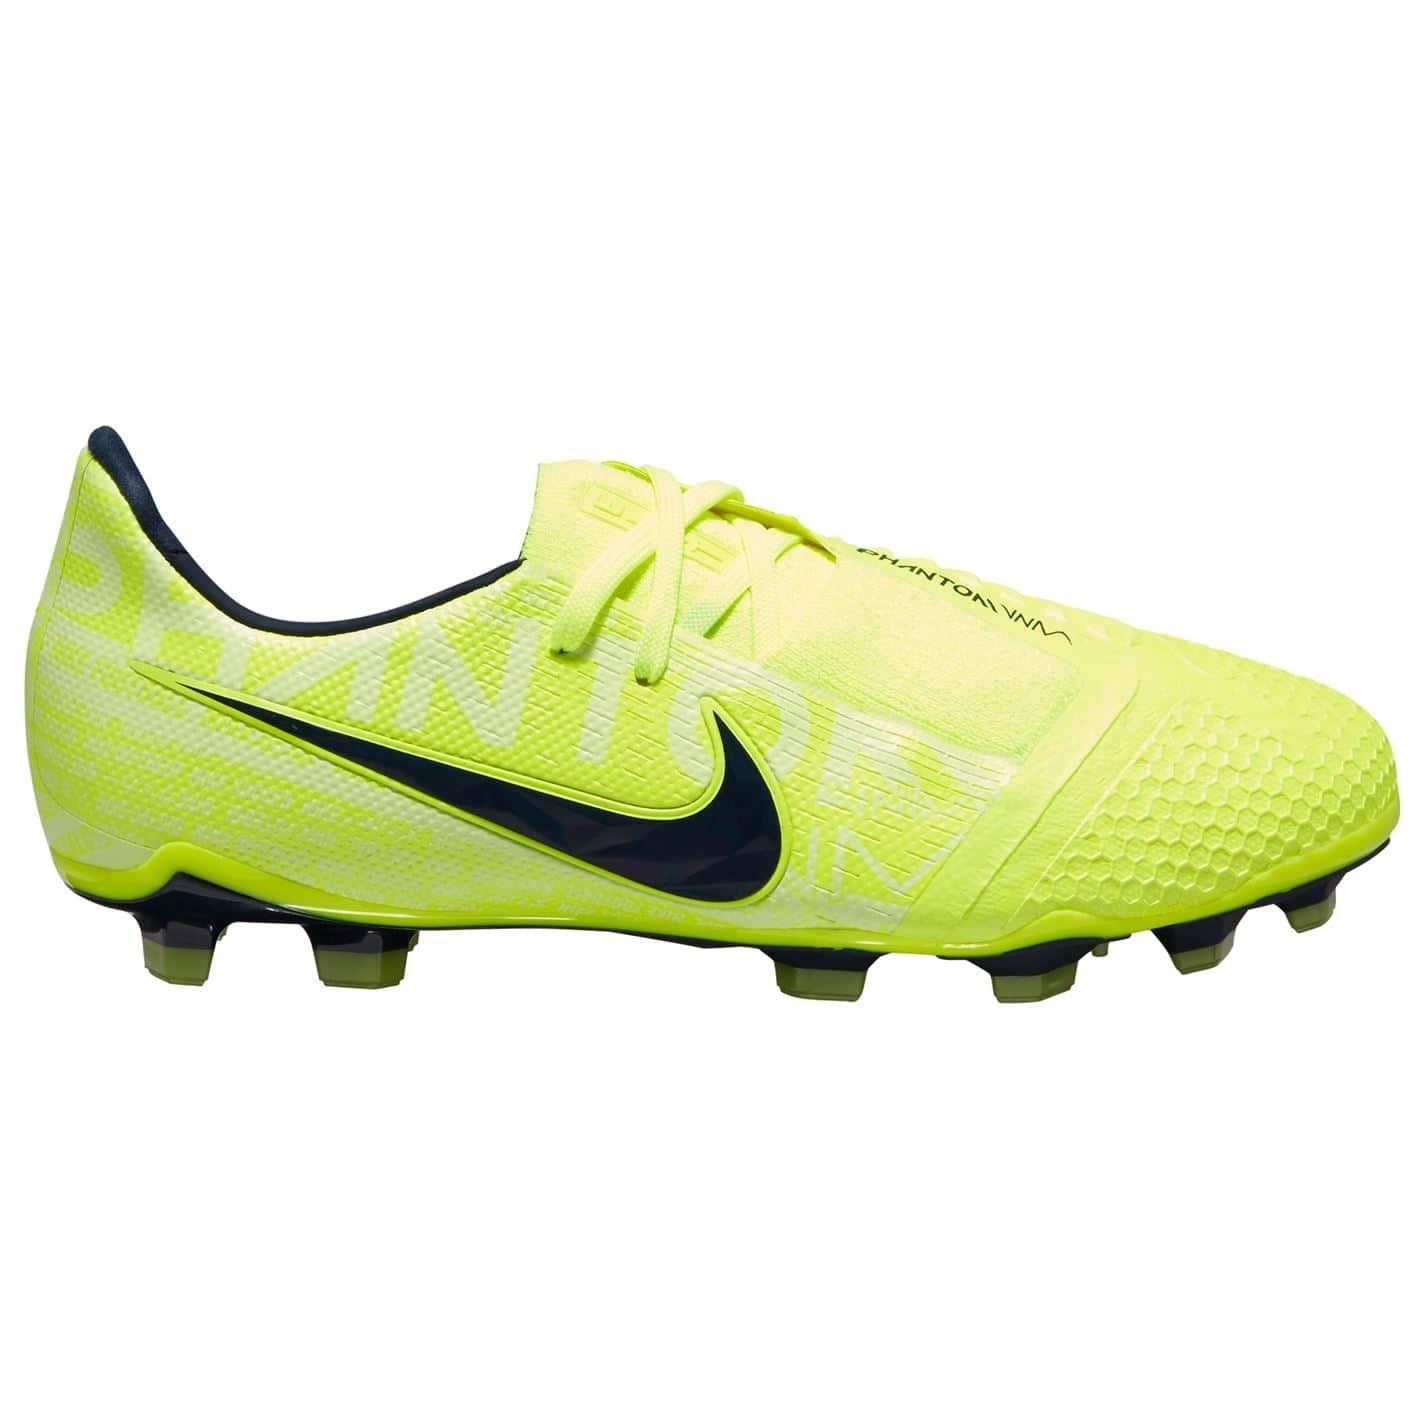 Détails sur Nike Phantom Venin Elite Fg Football Bottes Enfant JauneObsidienne Chaussures